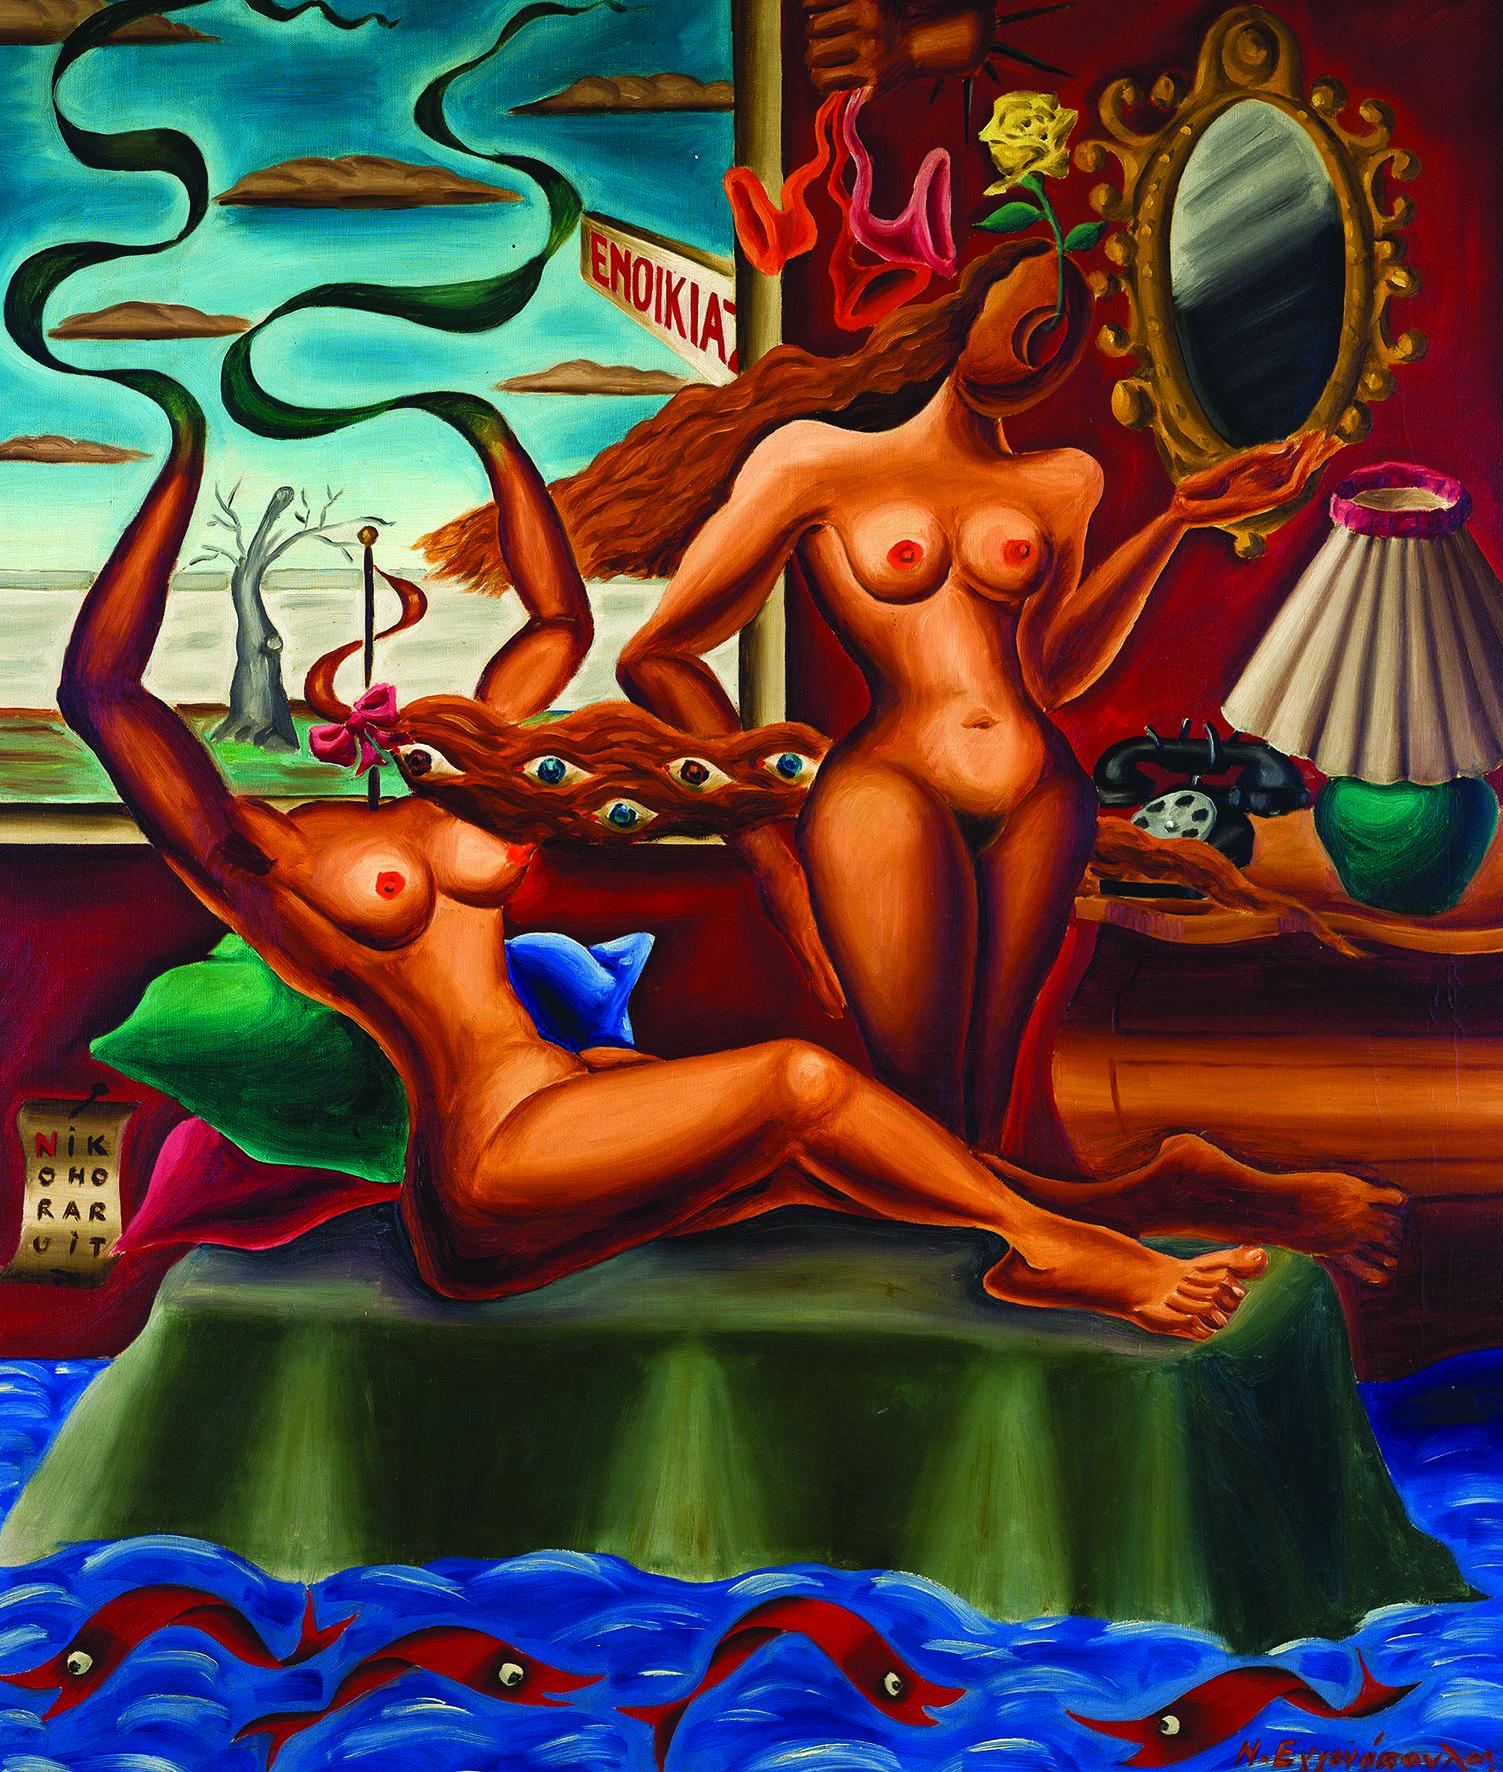 Νίκος Εγγονόπουλος (21 Οκτωβρίου 1907 - 31 Οκτωβρίου 1985). Nico hora ruit, 1939, Λάδι σε καμβά, 120 x 100 εκ., Ιδιωτική συλλογή.